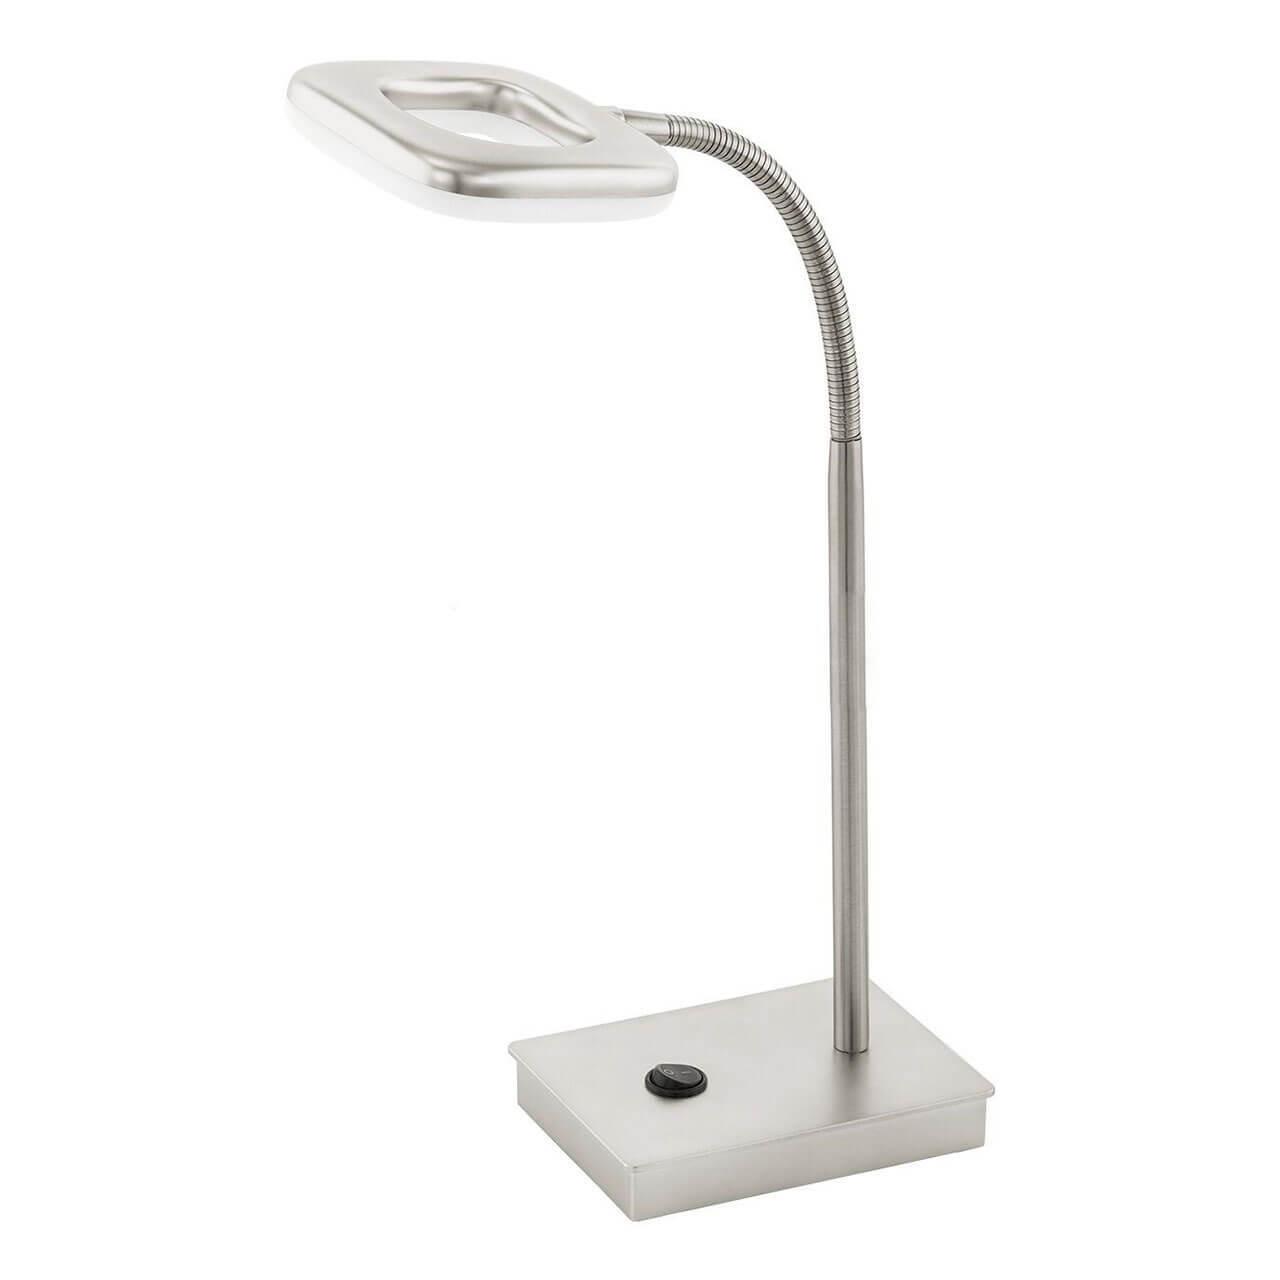 Настольная лампа Eglo 97017 Litago (Сенсорное управление)